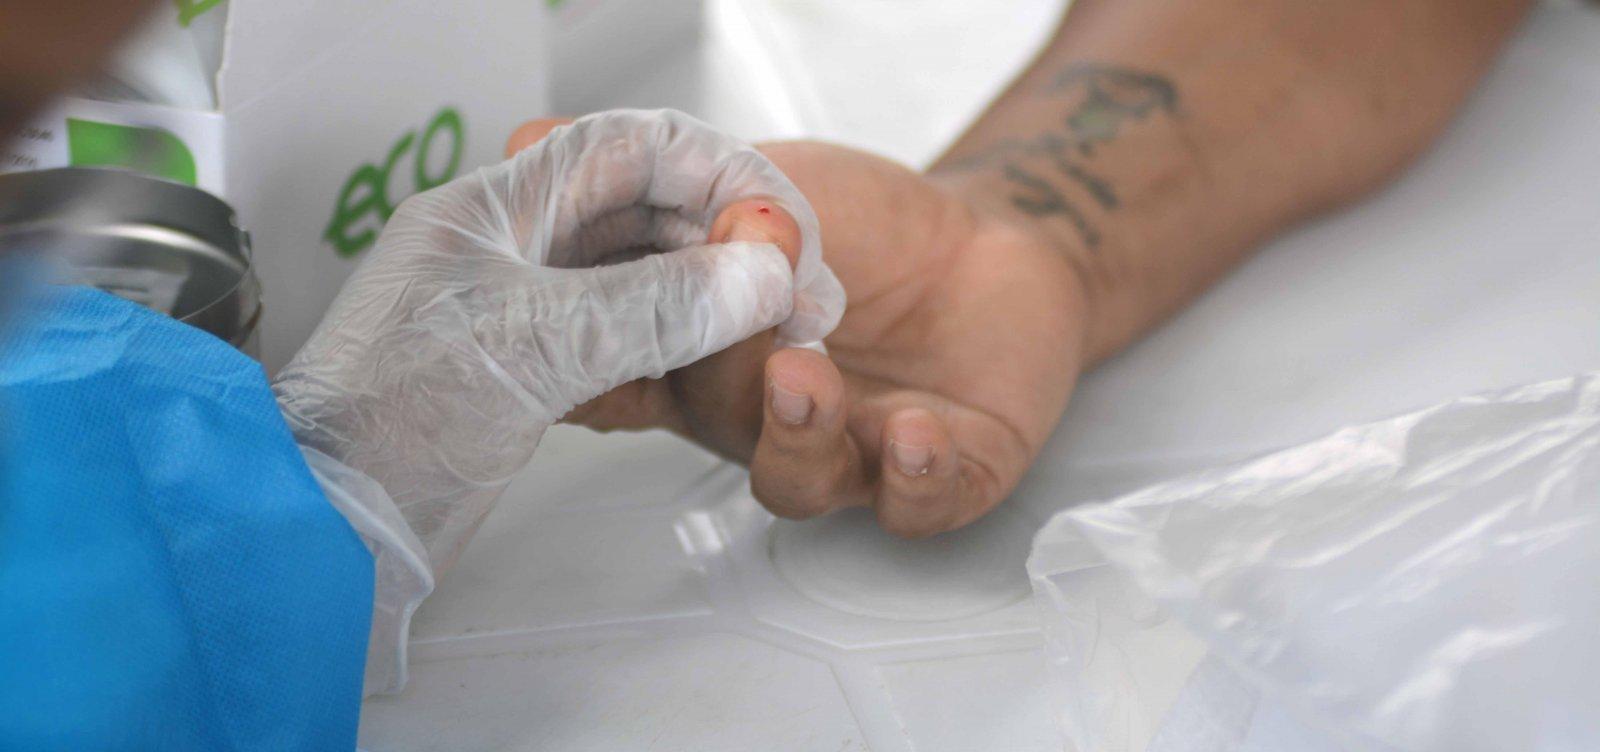 Pernambués registra mais de 4 mil casos de covid-19